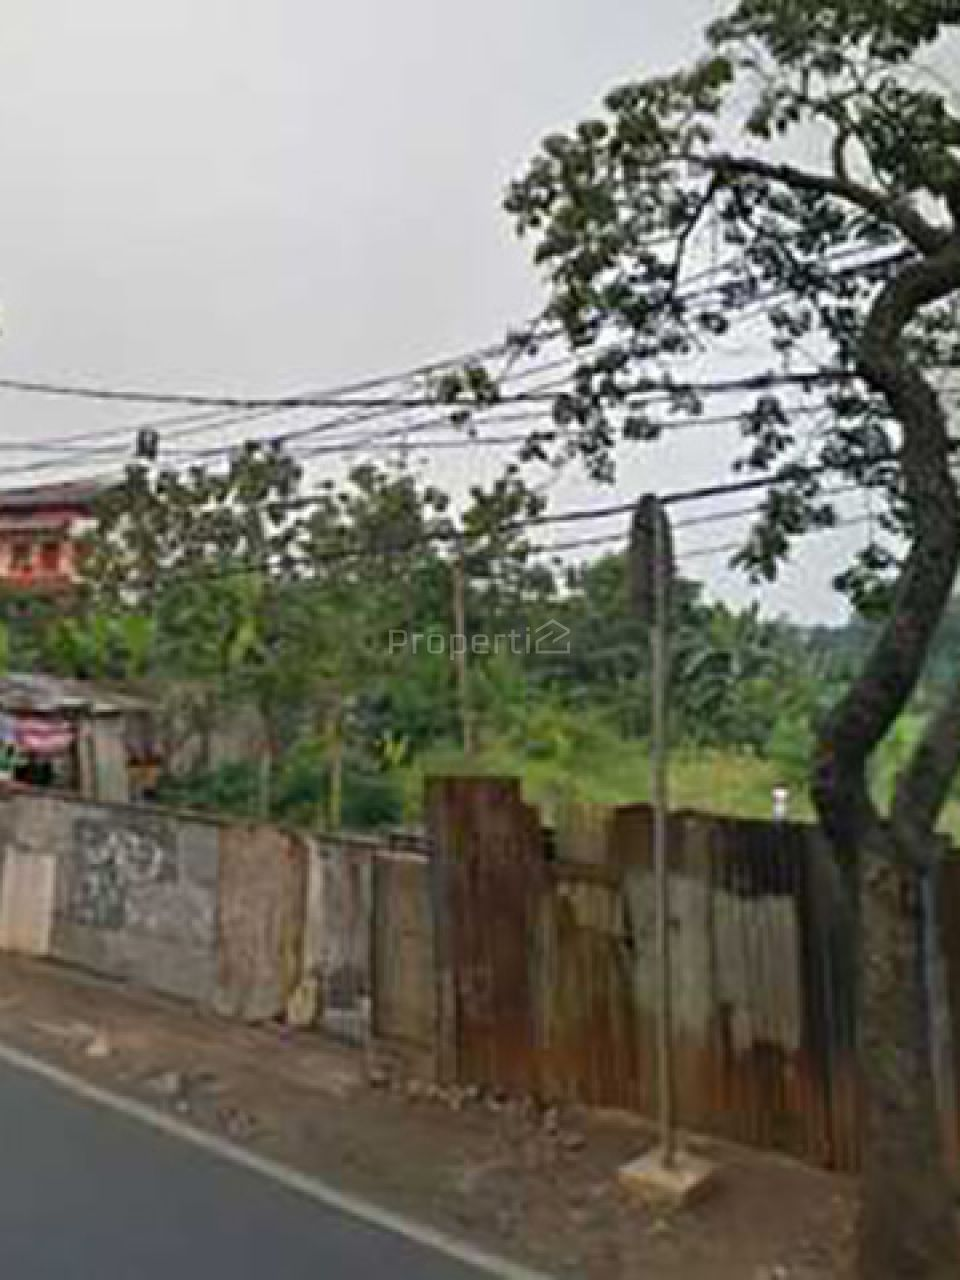 Lahan Peruntukan Perumahan di Jagakarsa, DKI Jakarta